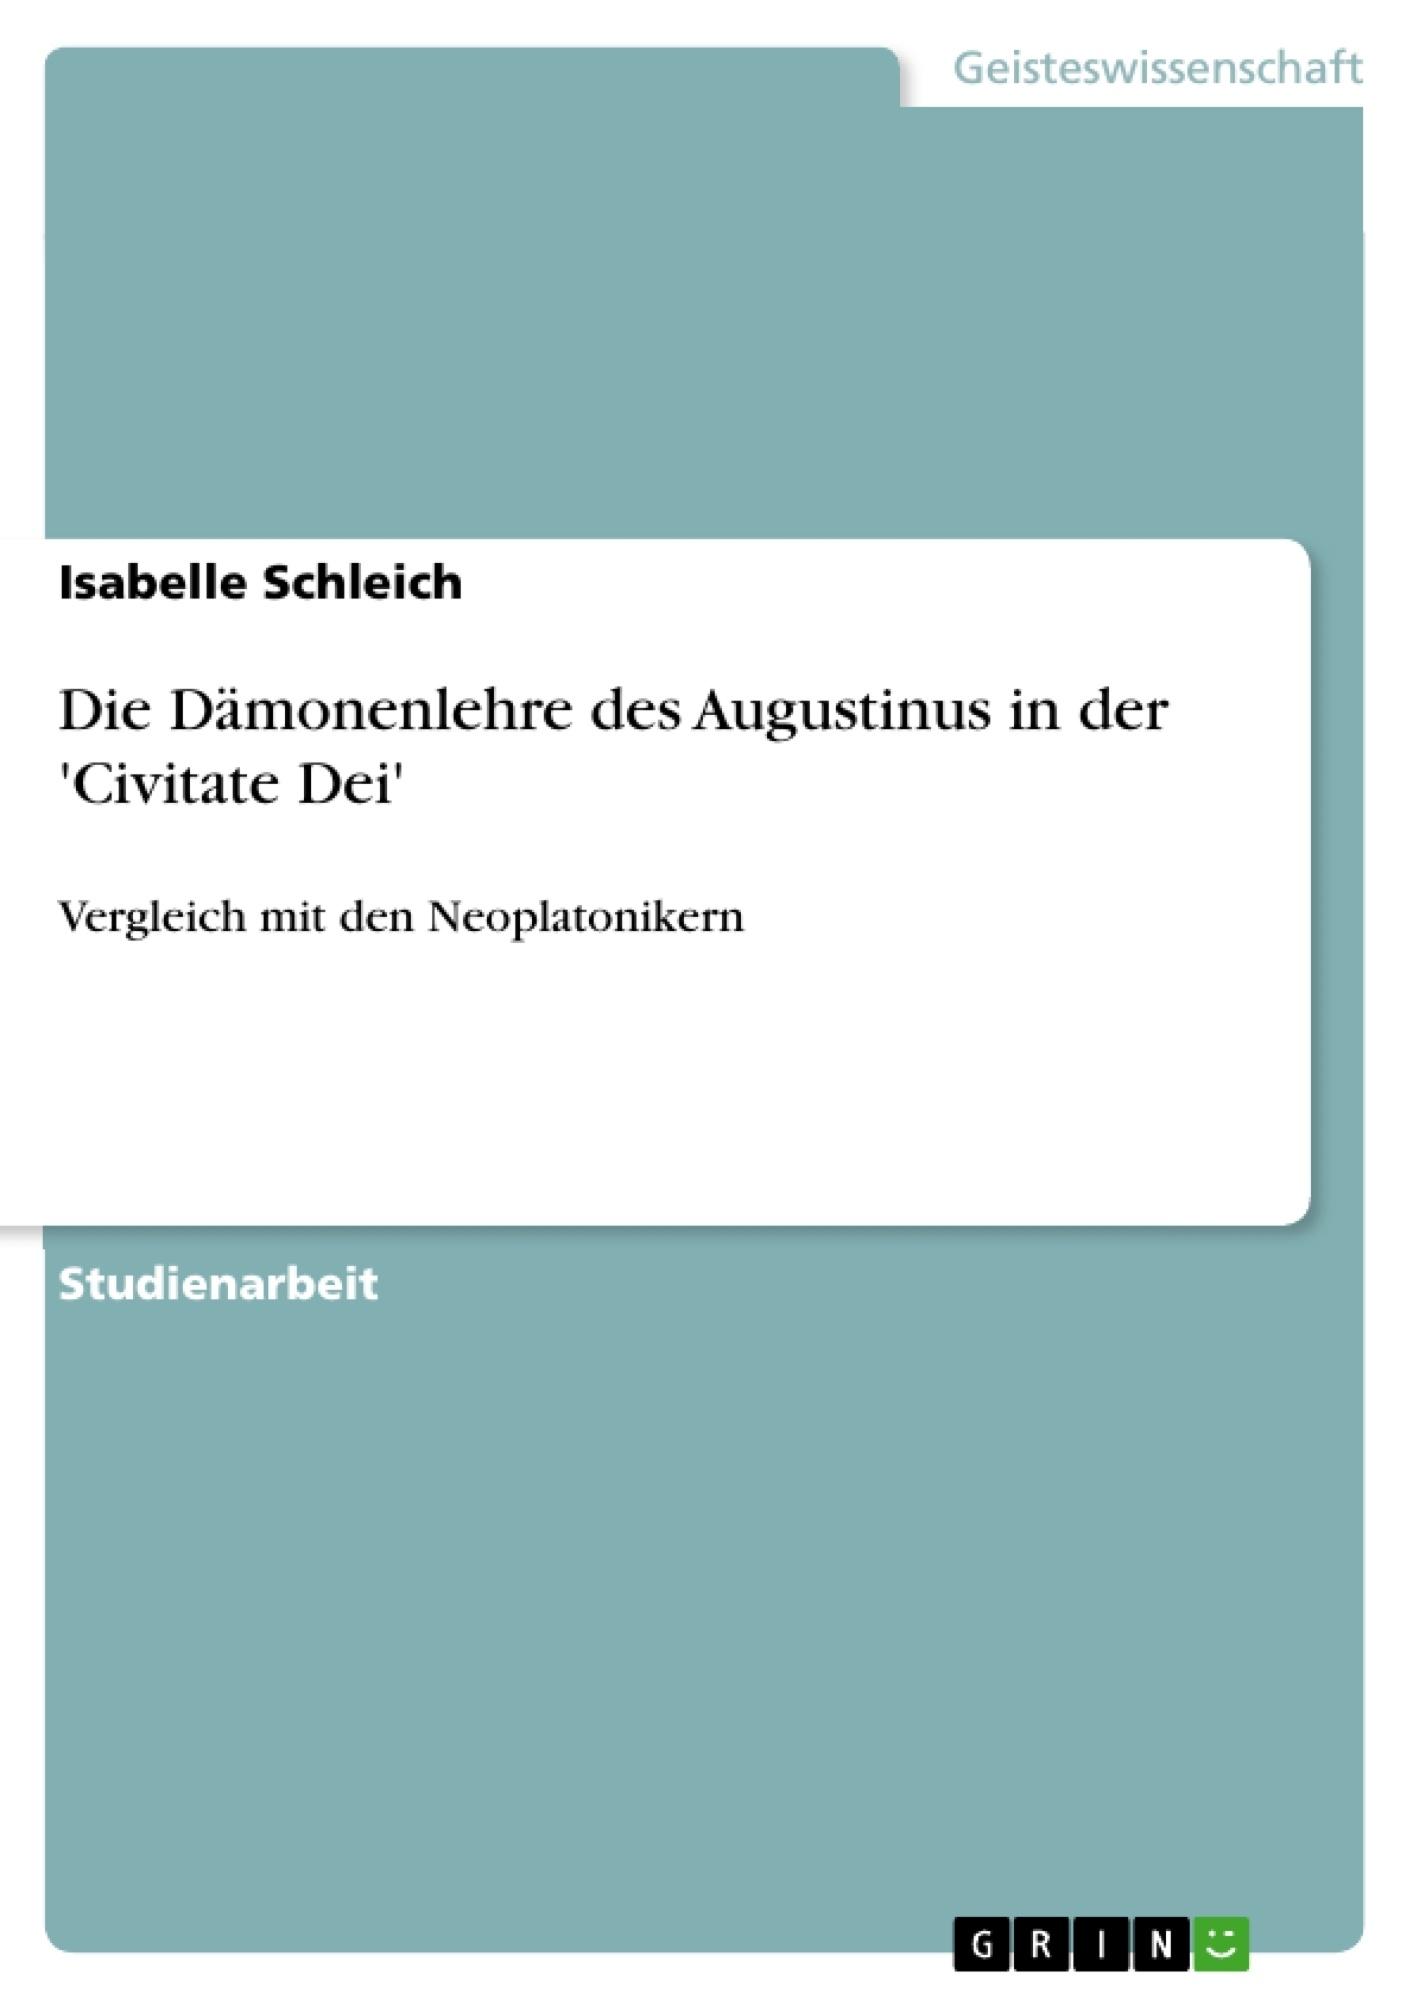 Titel: Die Dämonenlehre des Augustinus in der 'Civitate Dei'